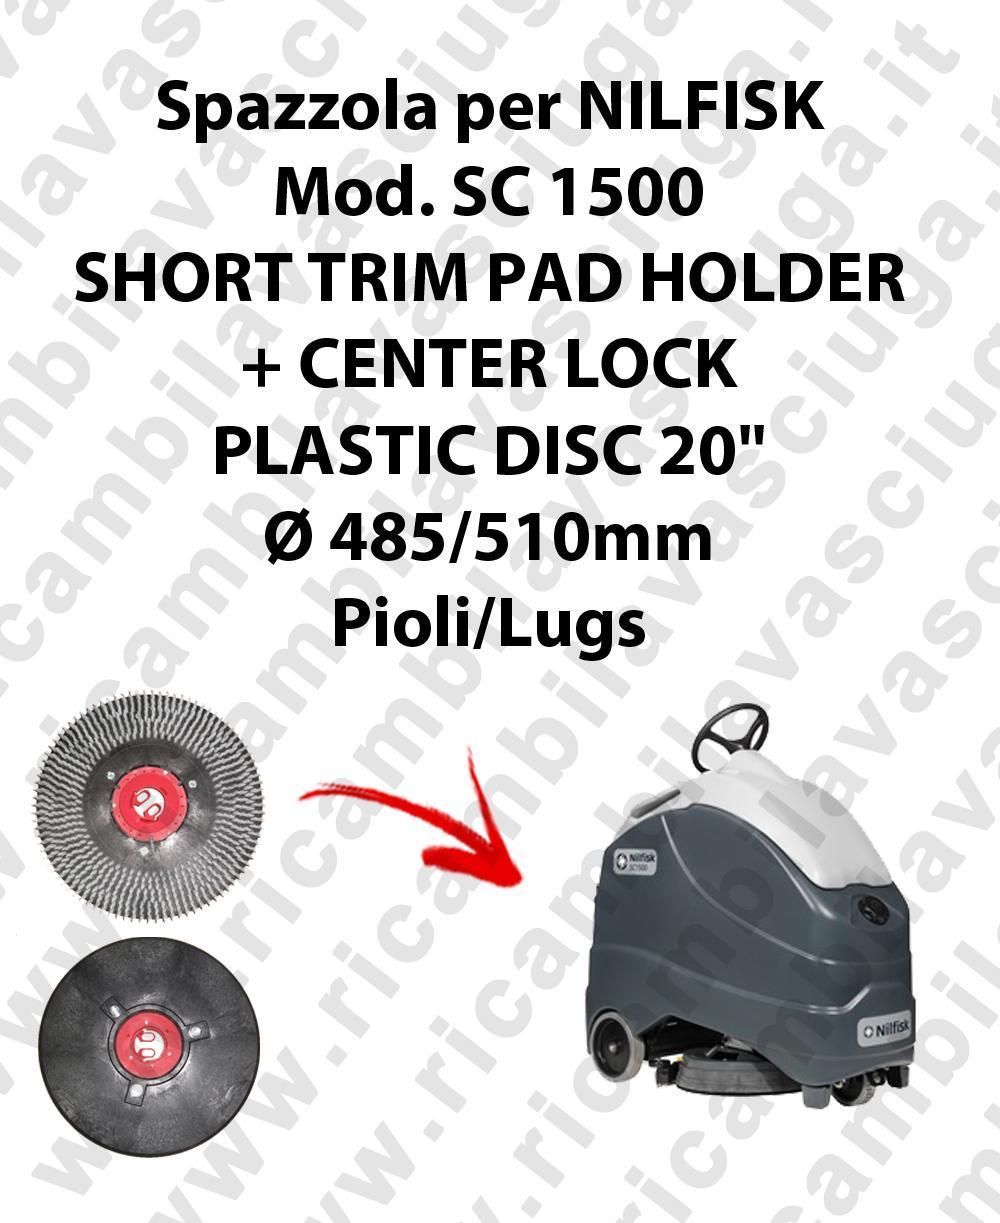 SC 1500 SHORT TRIM Treiberteller + CENTERLOCK für scheuersaugmaschinen NILFISK